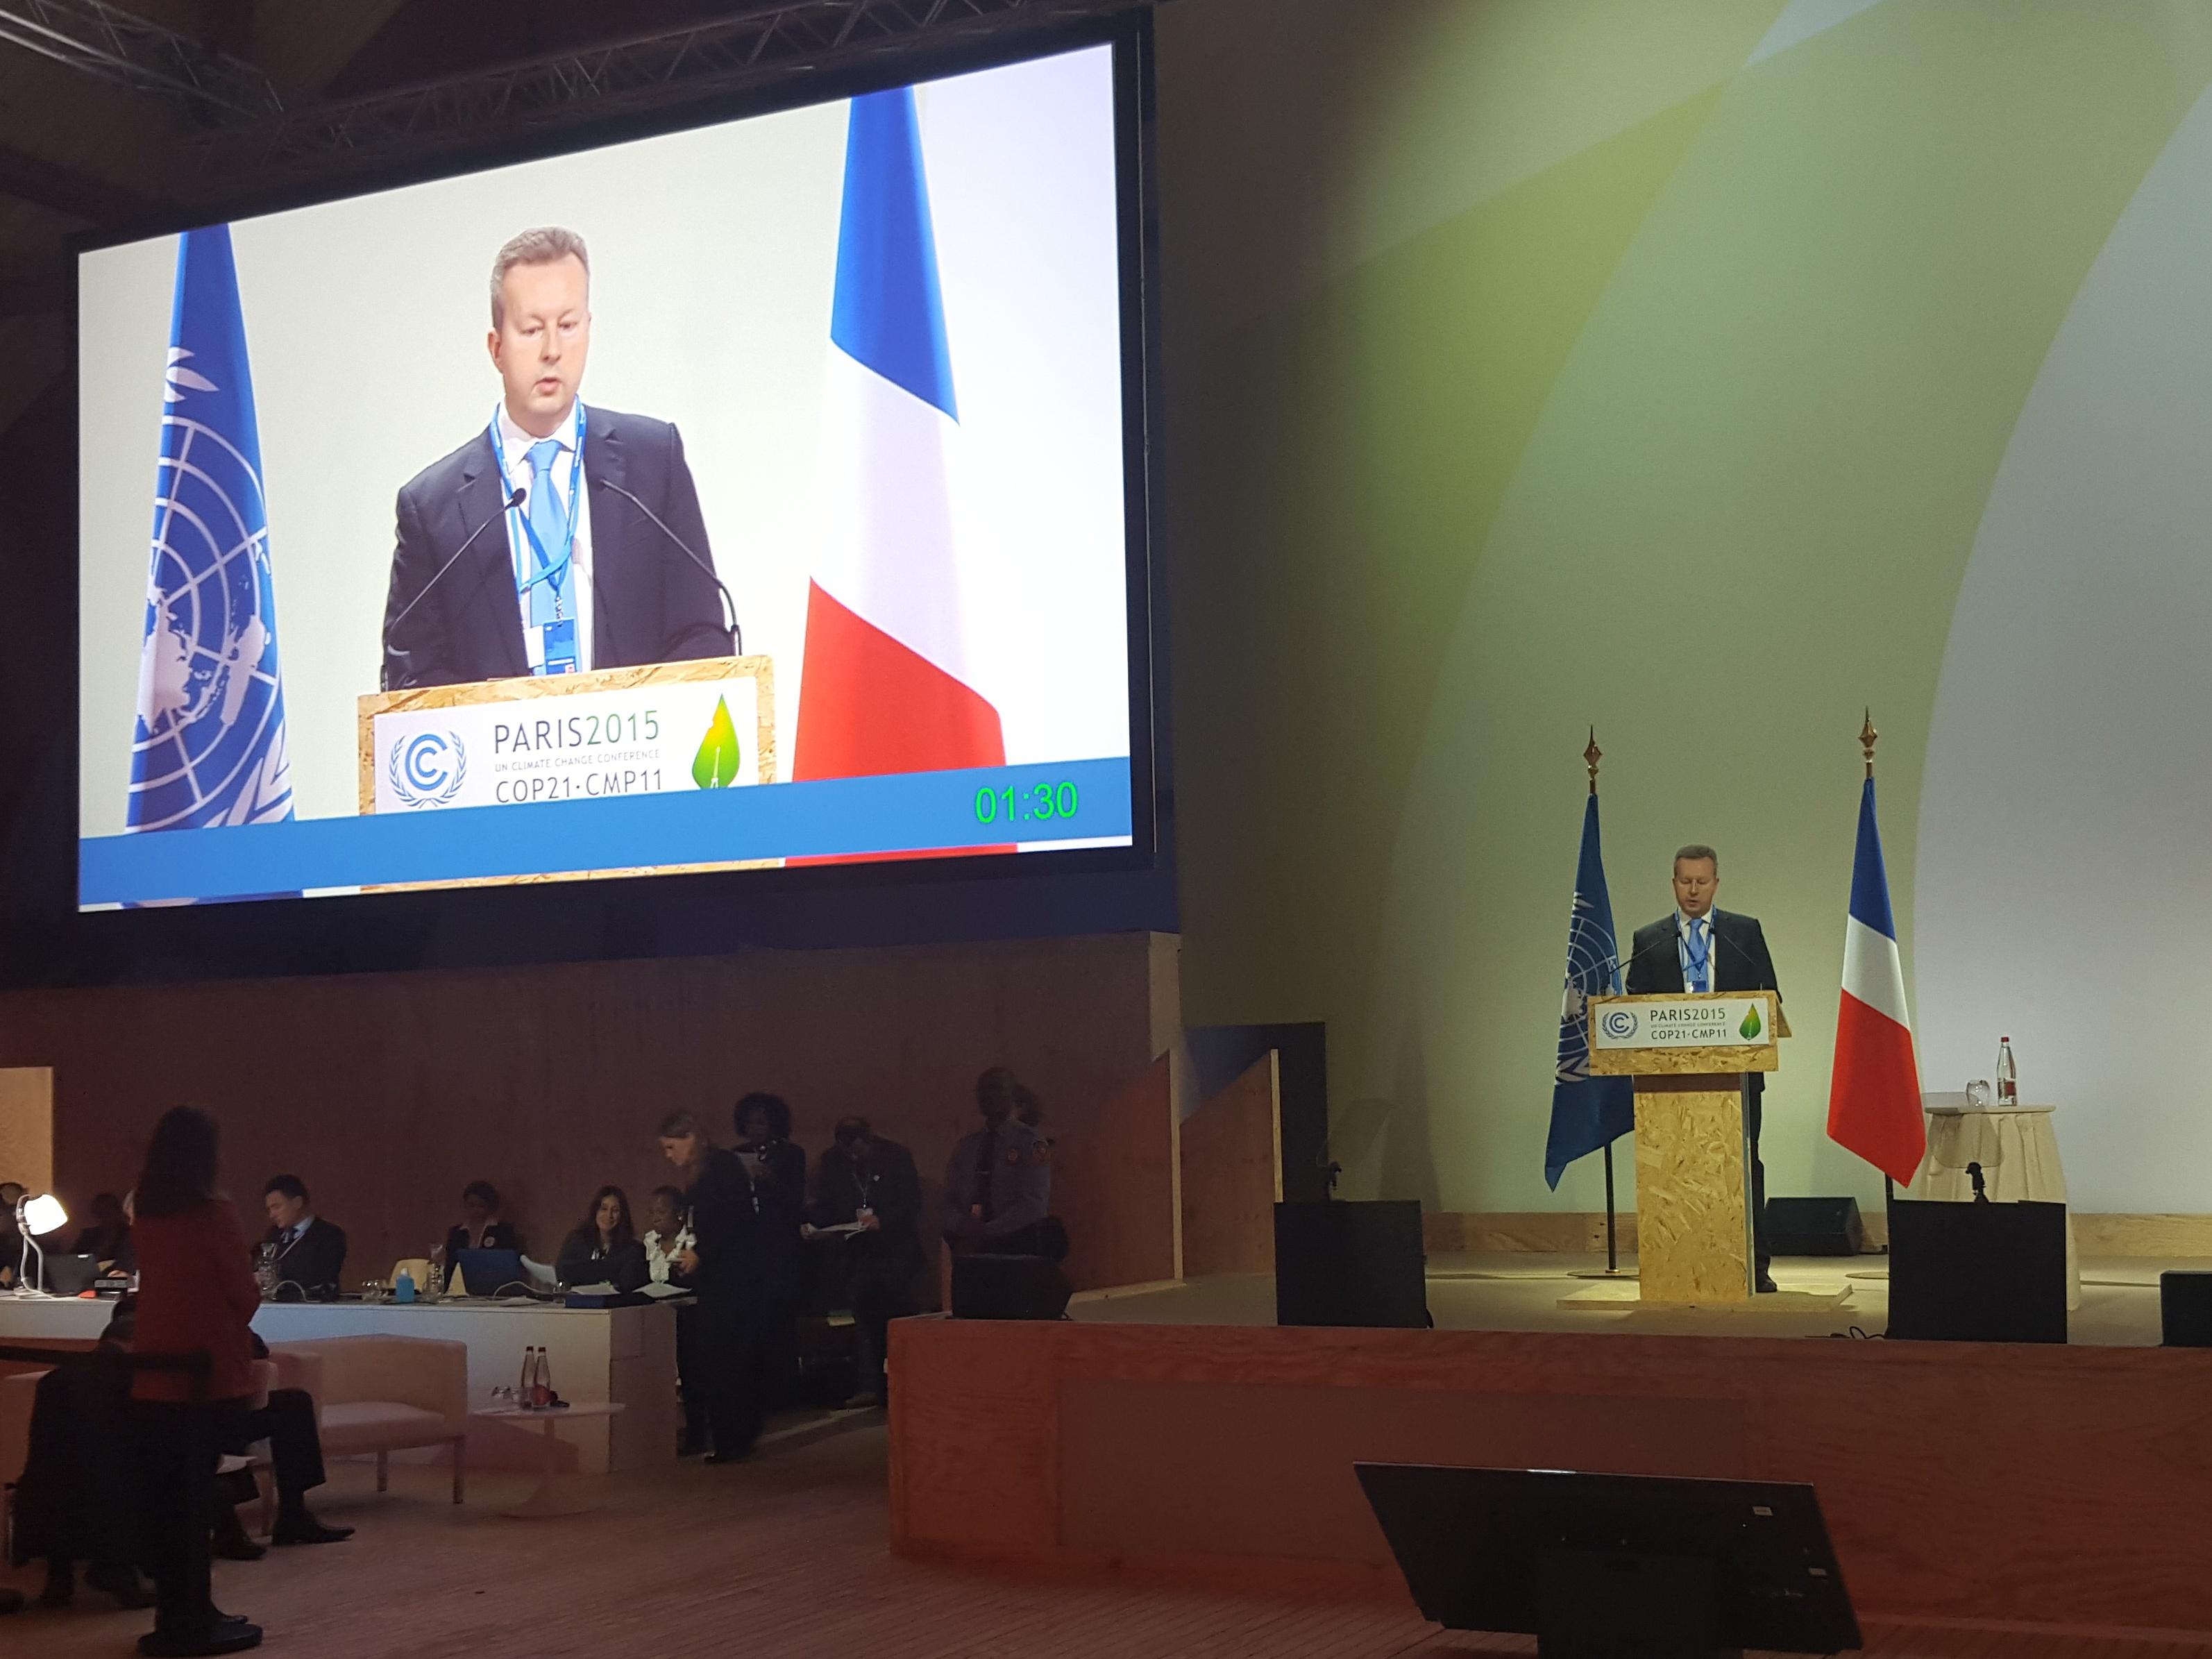 Projev ministra Richarda Brabce na klimatické konferenci COP 21 v Paříži